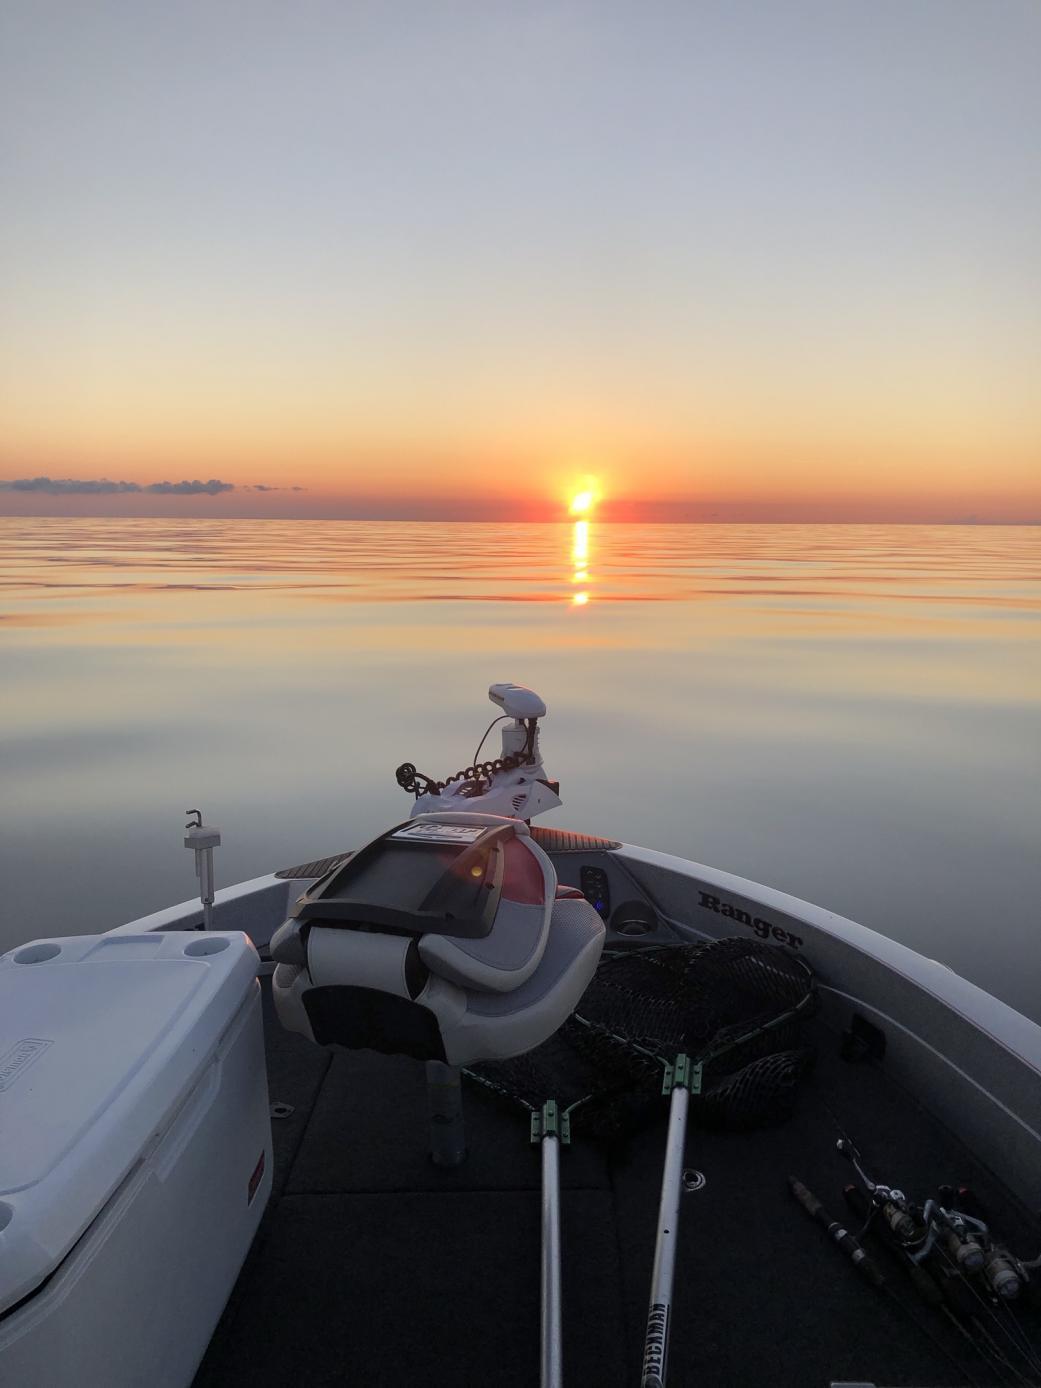 Fishing with Dan, Brian, and Jackson 7/25/2020-dan-brian-jackson-7_25_2020c-jpg